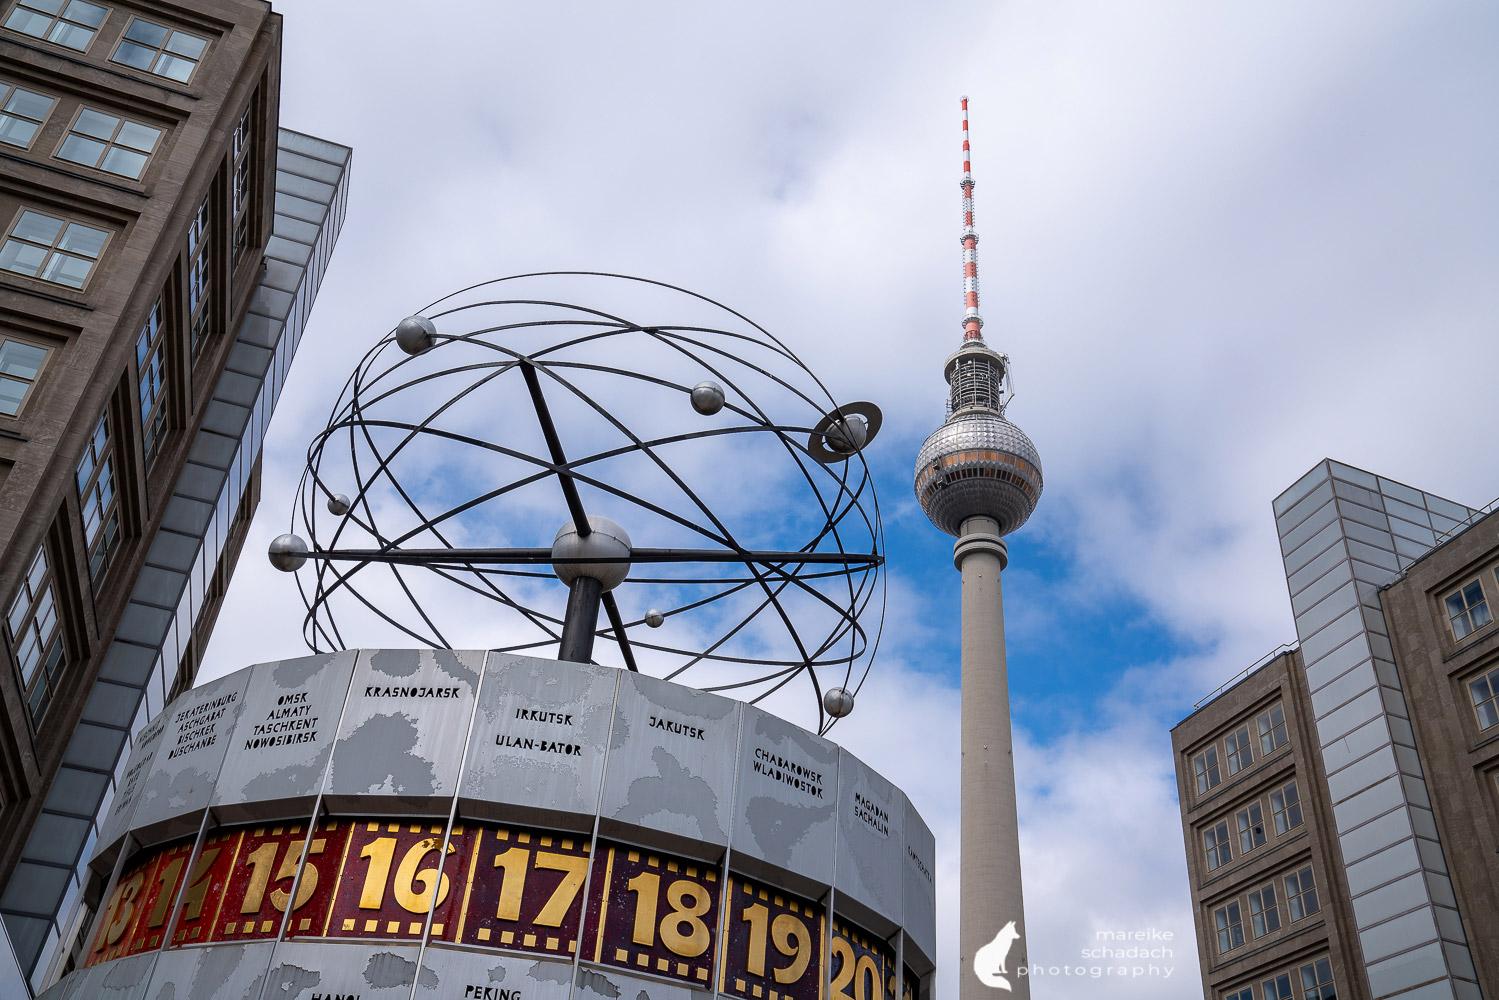 DDR-Architektur in Berlin: Fototour vom Alexanderplatz zum Frankfurter Tor